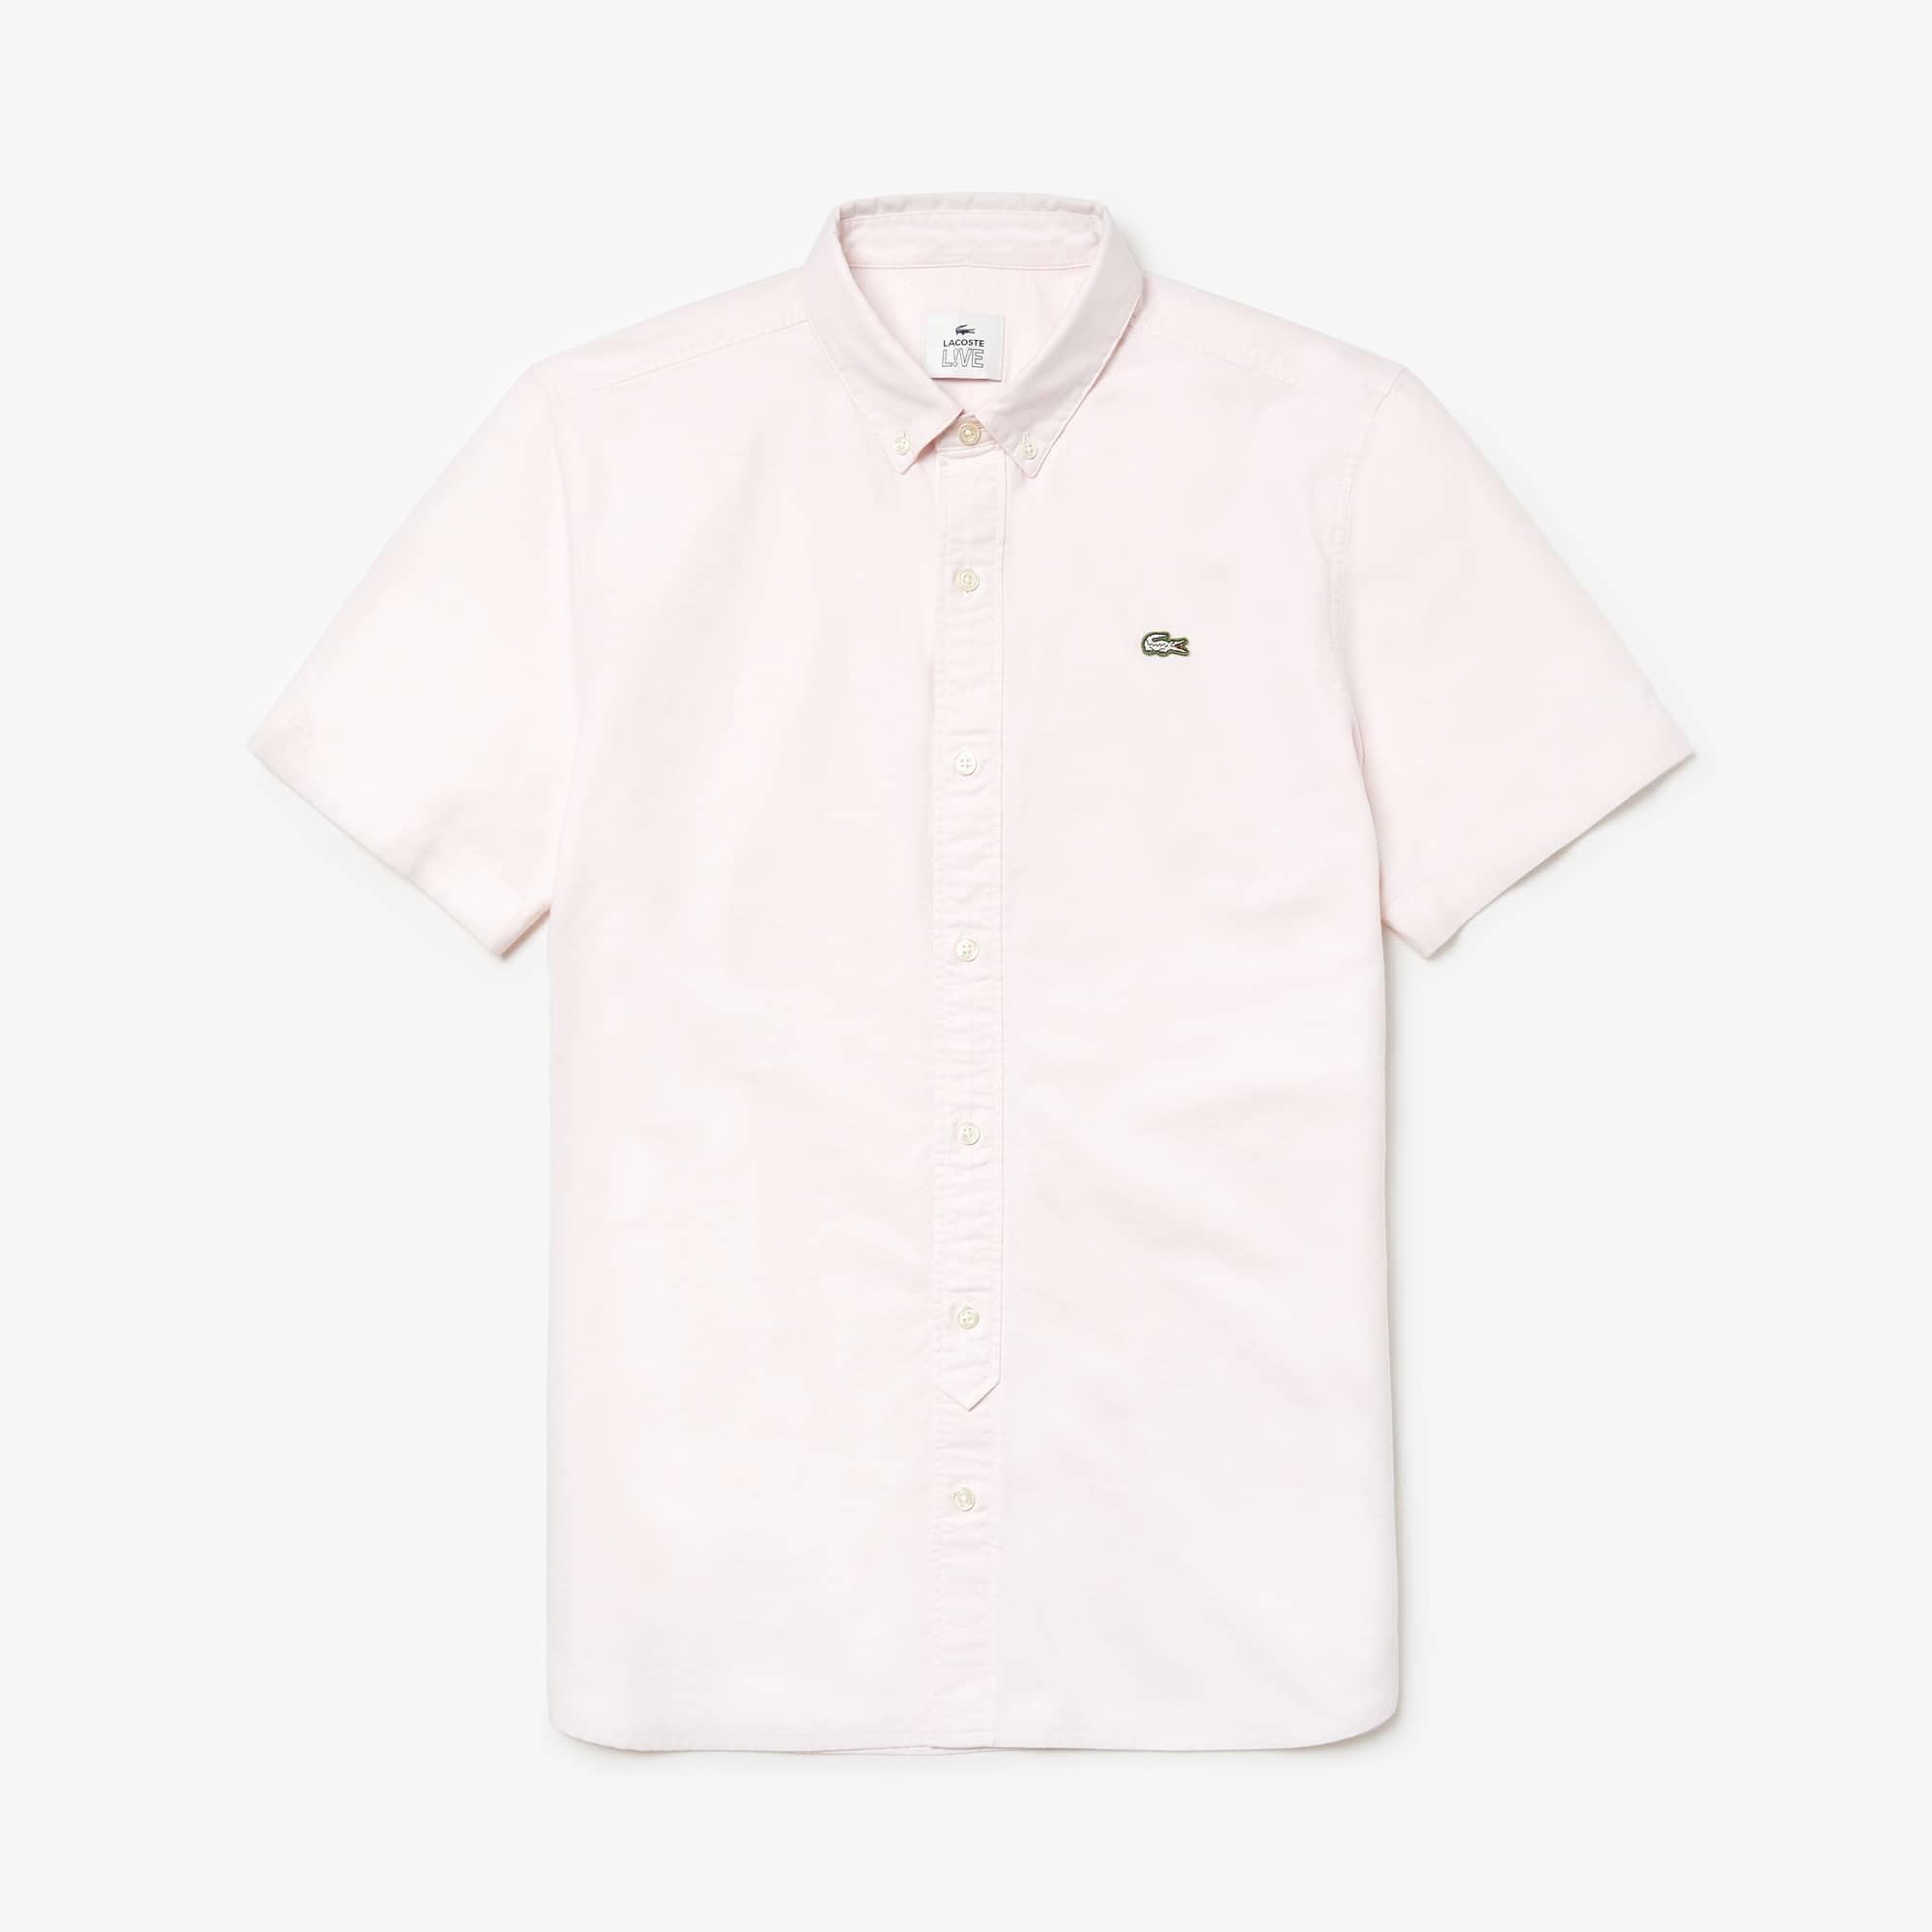 Men's LIVE Oxford Cotton Shirt